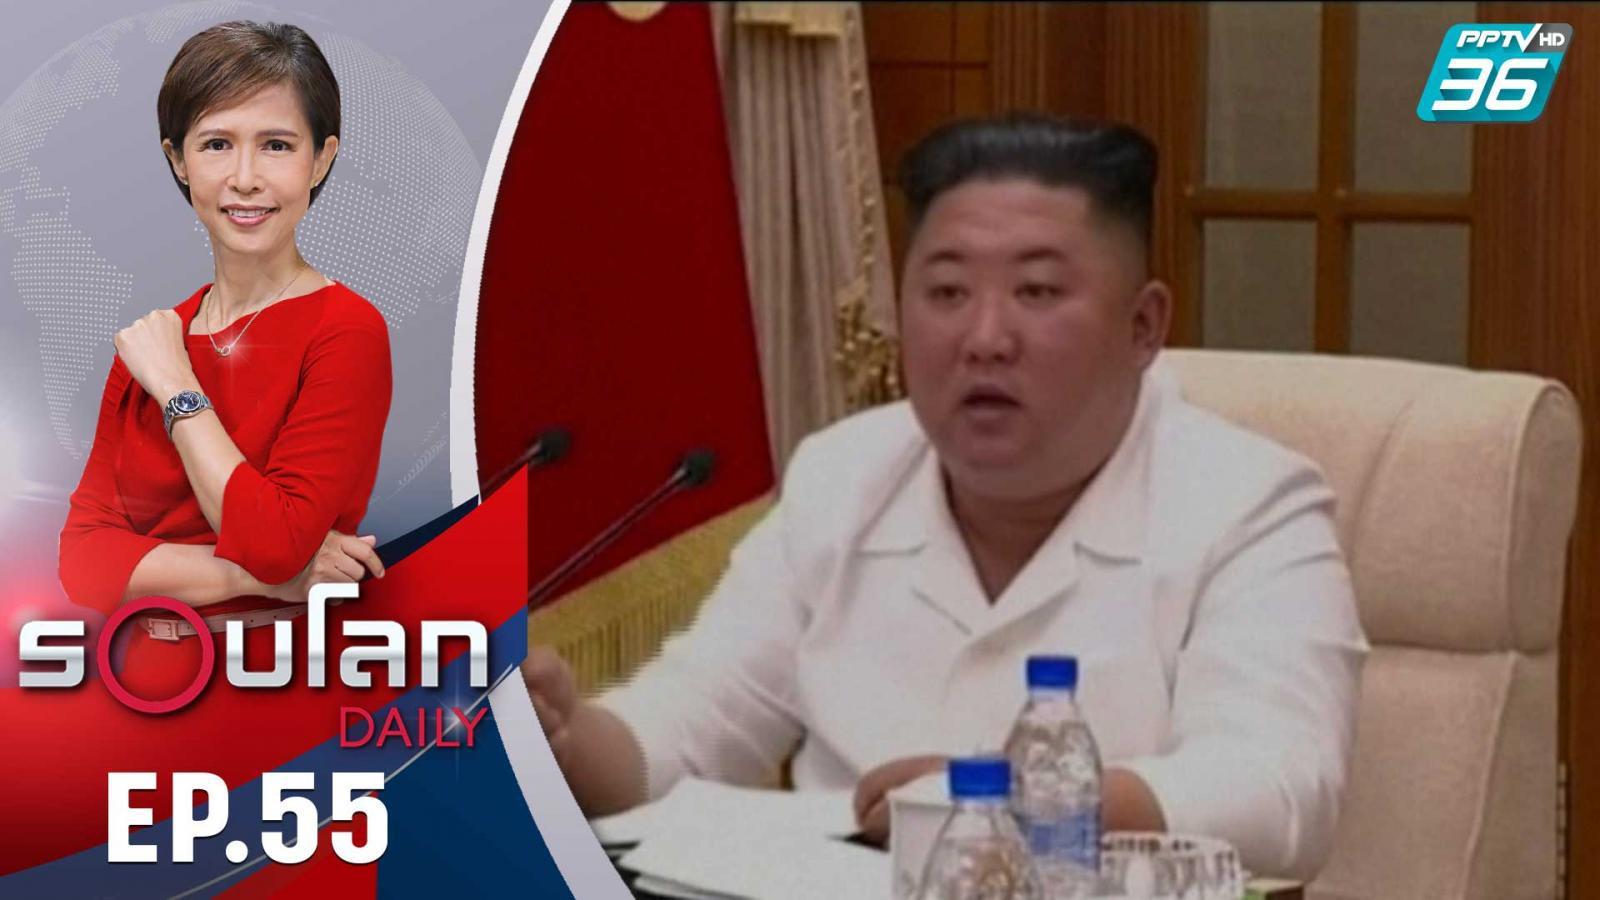 ลือหึ่ง! คิม จองอึนป่วยหนัก ส่งน้องสาวกุมอำนาจ